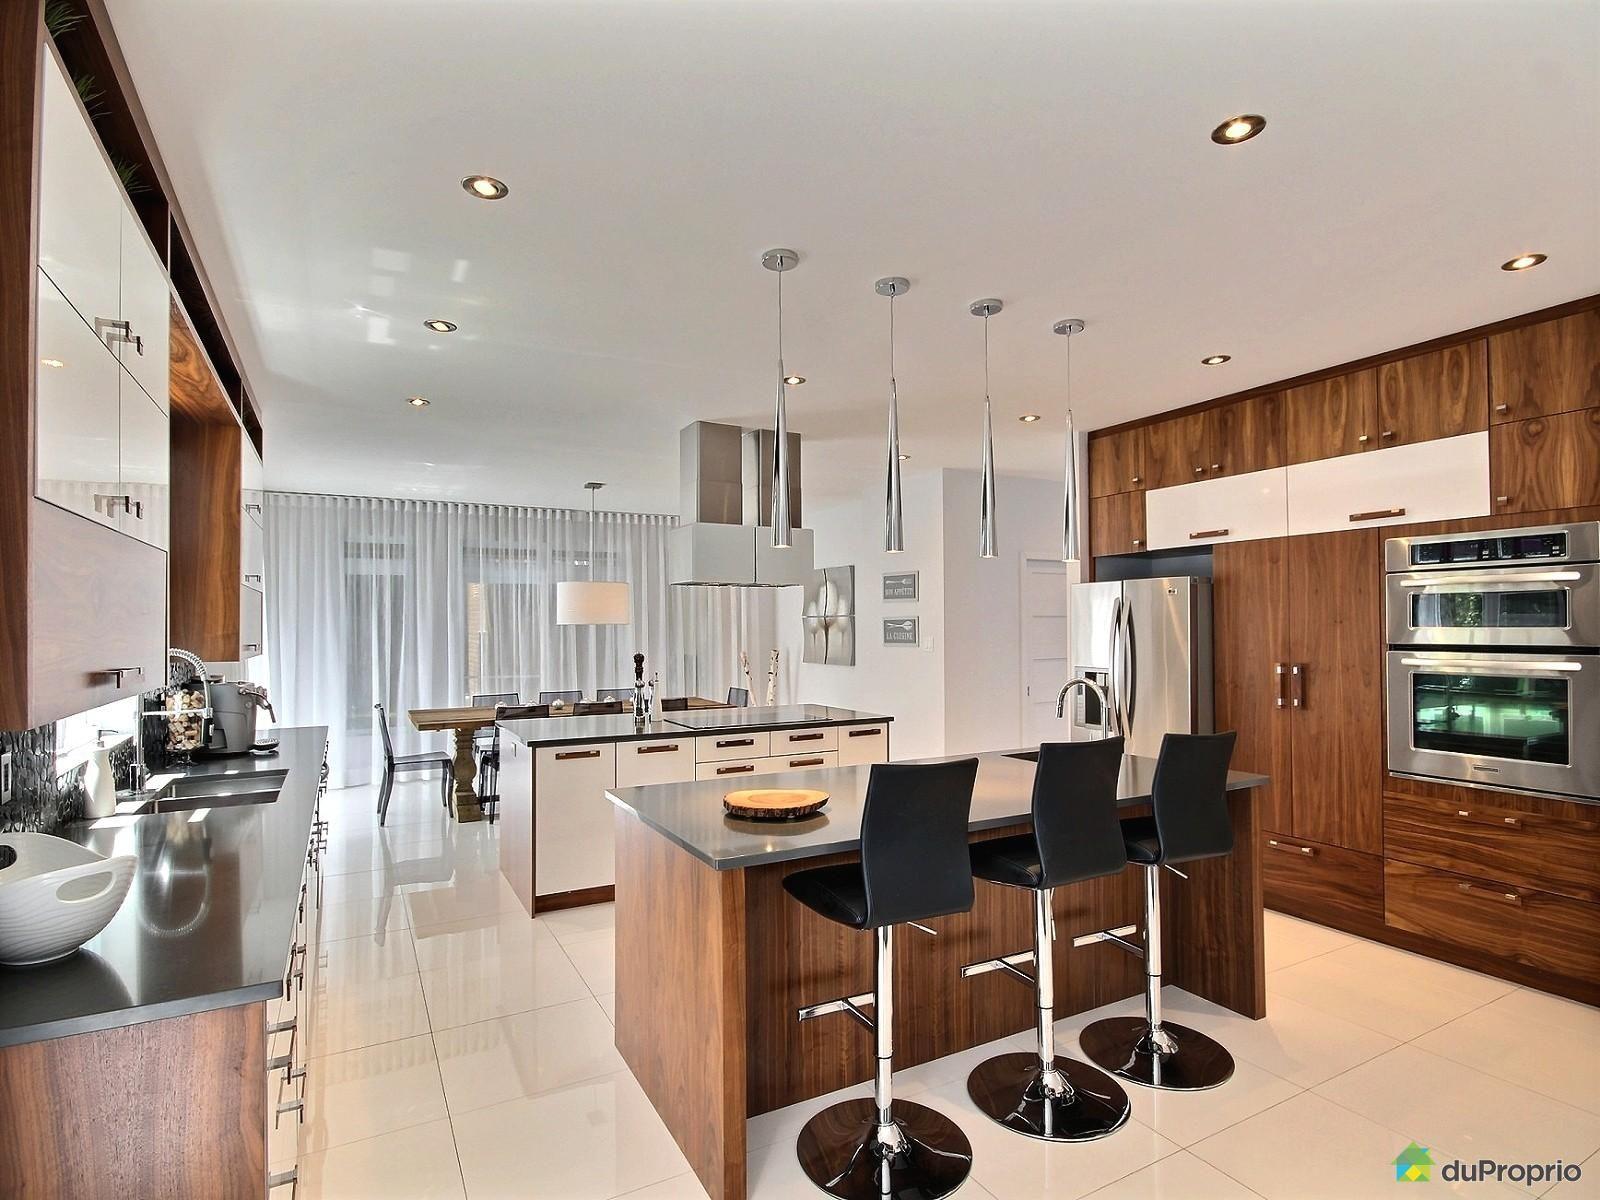 magnifique maison avec de grandes pices dans un dcor contemporain pur impressionnante - Voir Sa Maison Avec Google